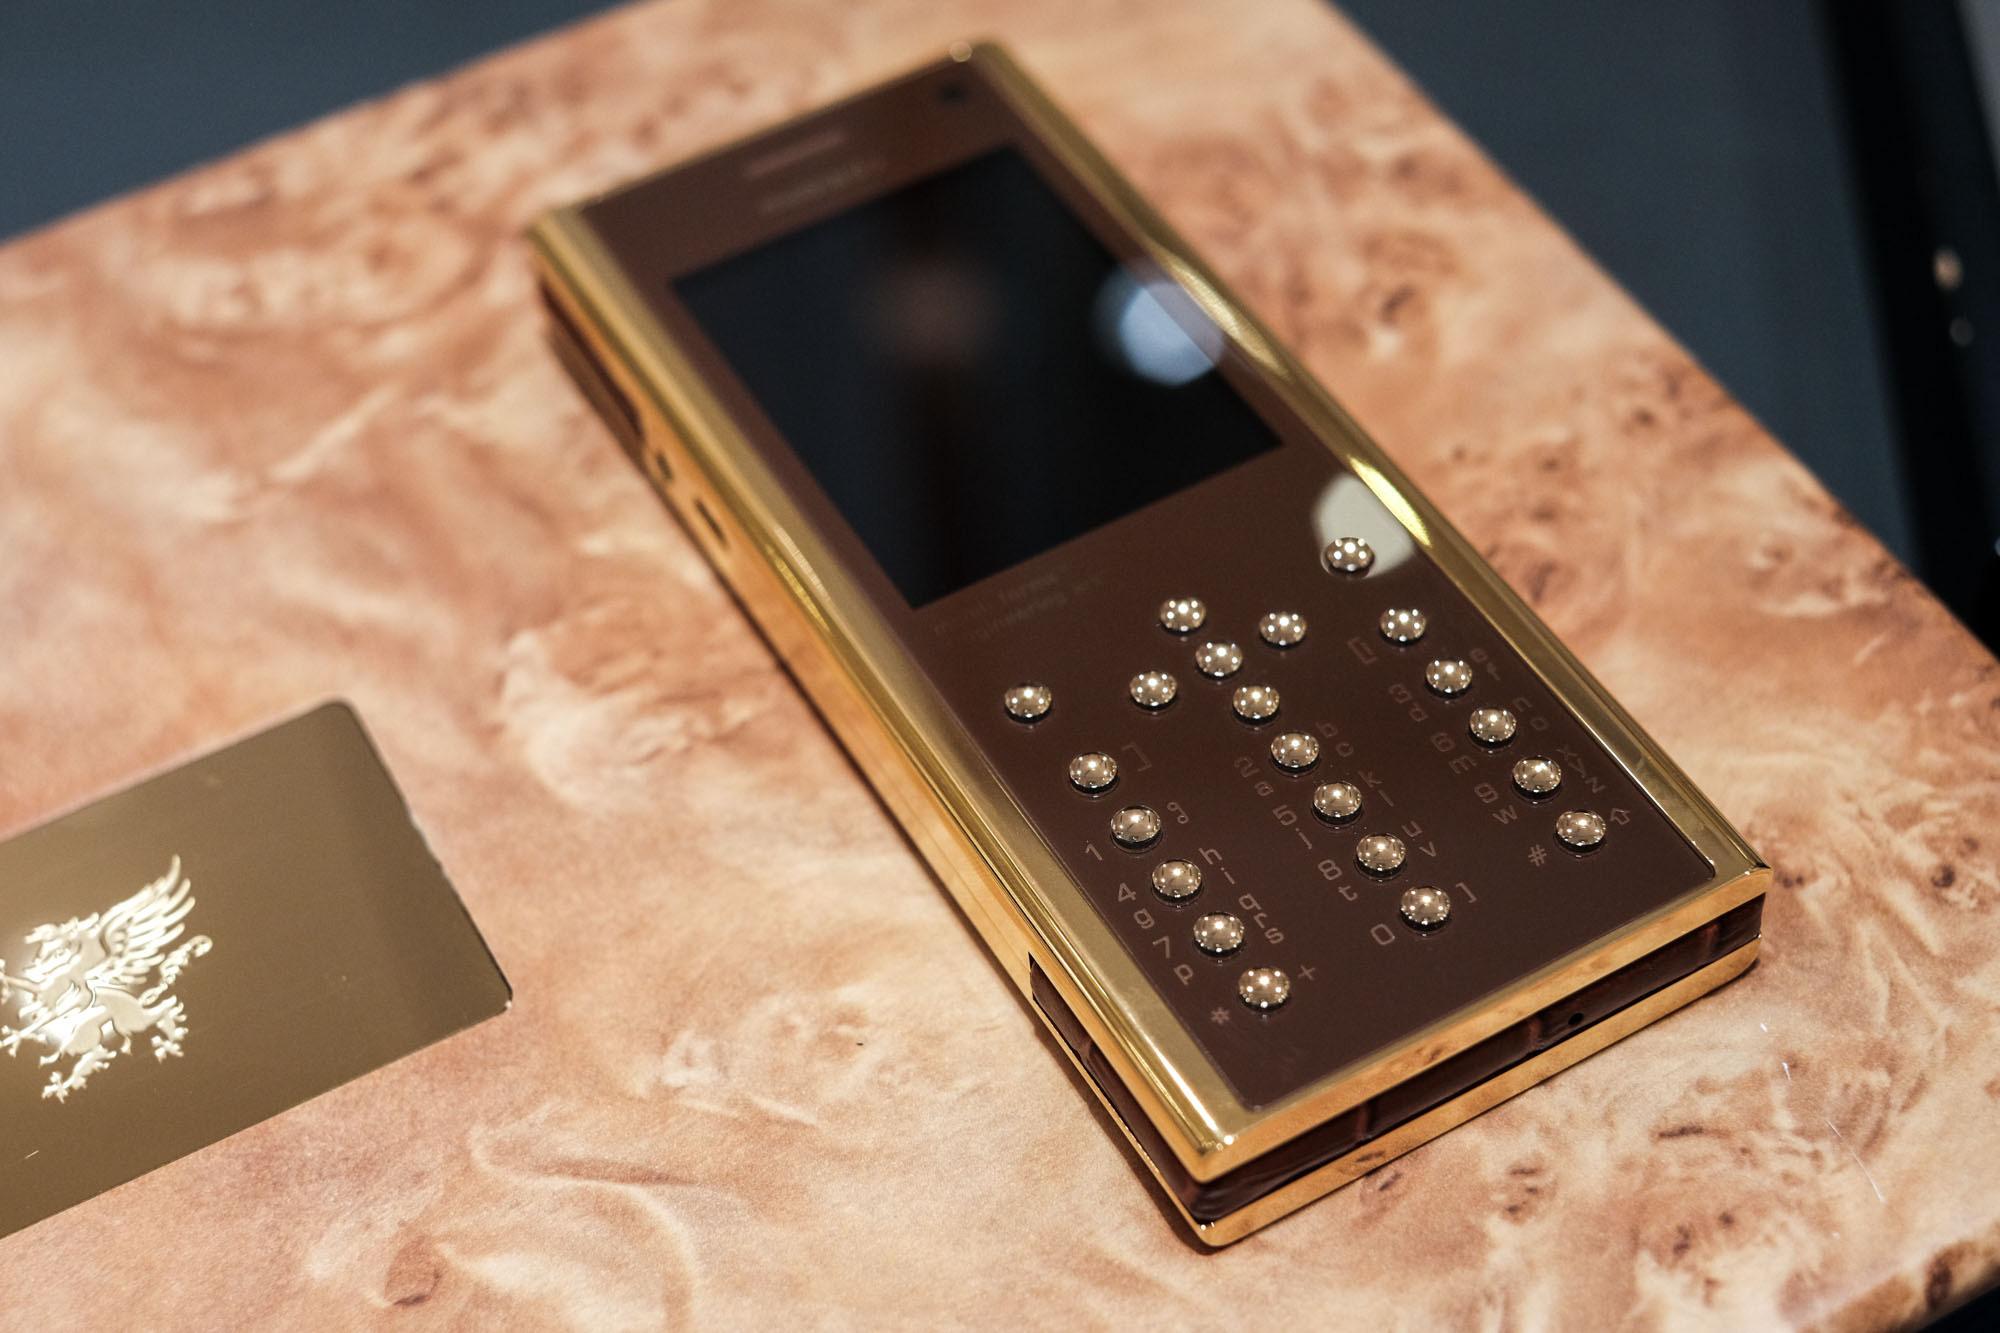 Ngắm nhìn điện thoại Mobiado hạng sang giá đắt nhất Việt Nam - Ảnh 3.